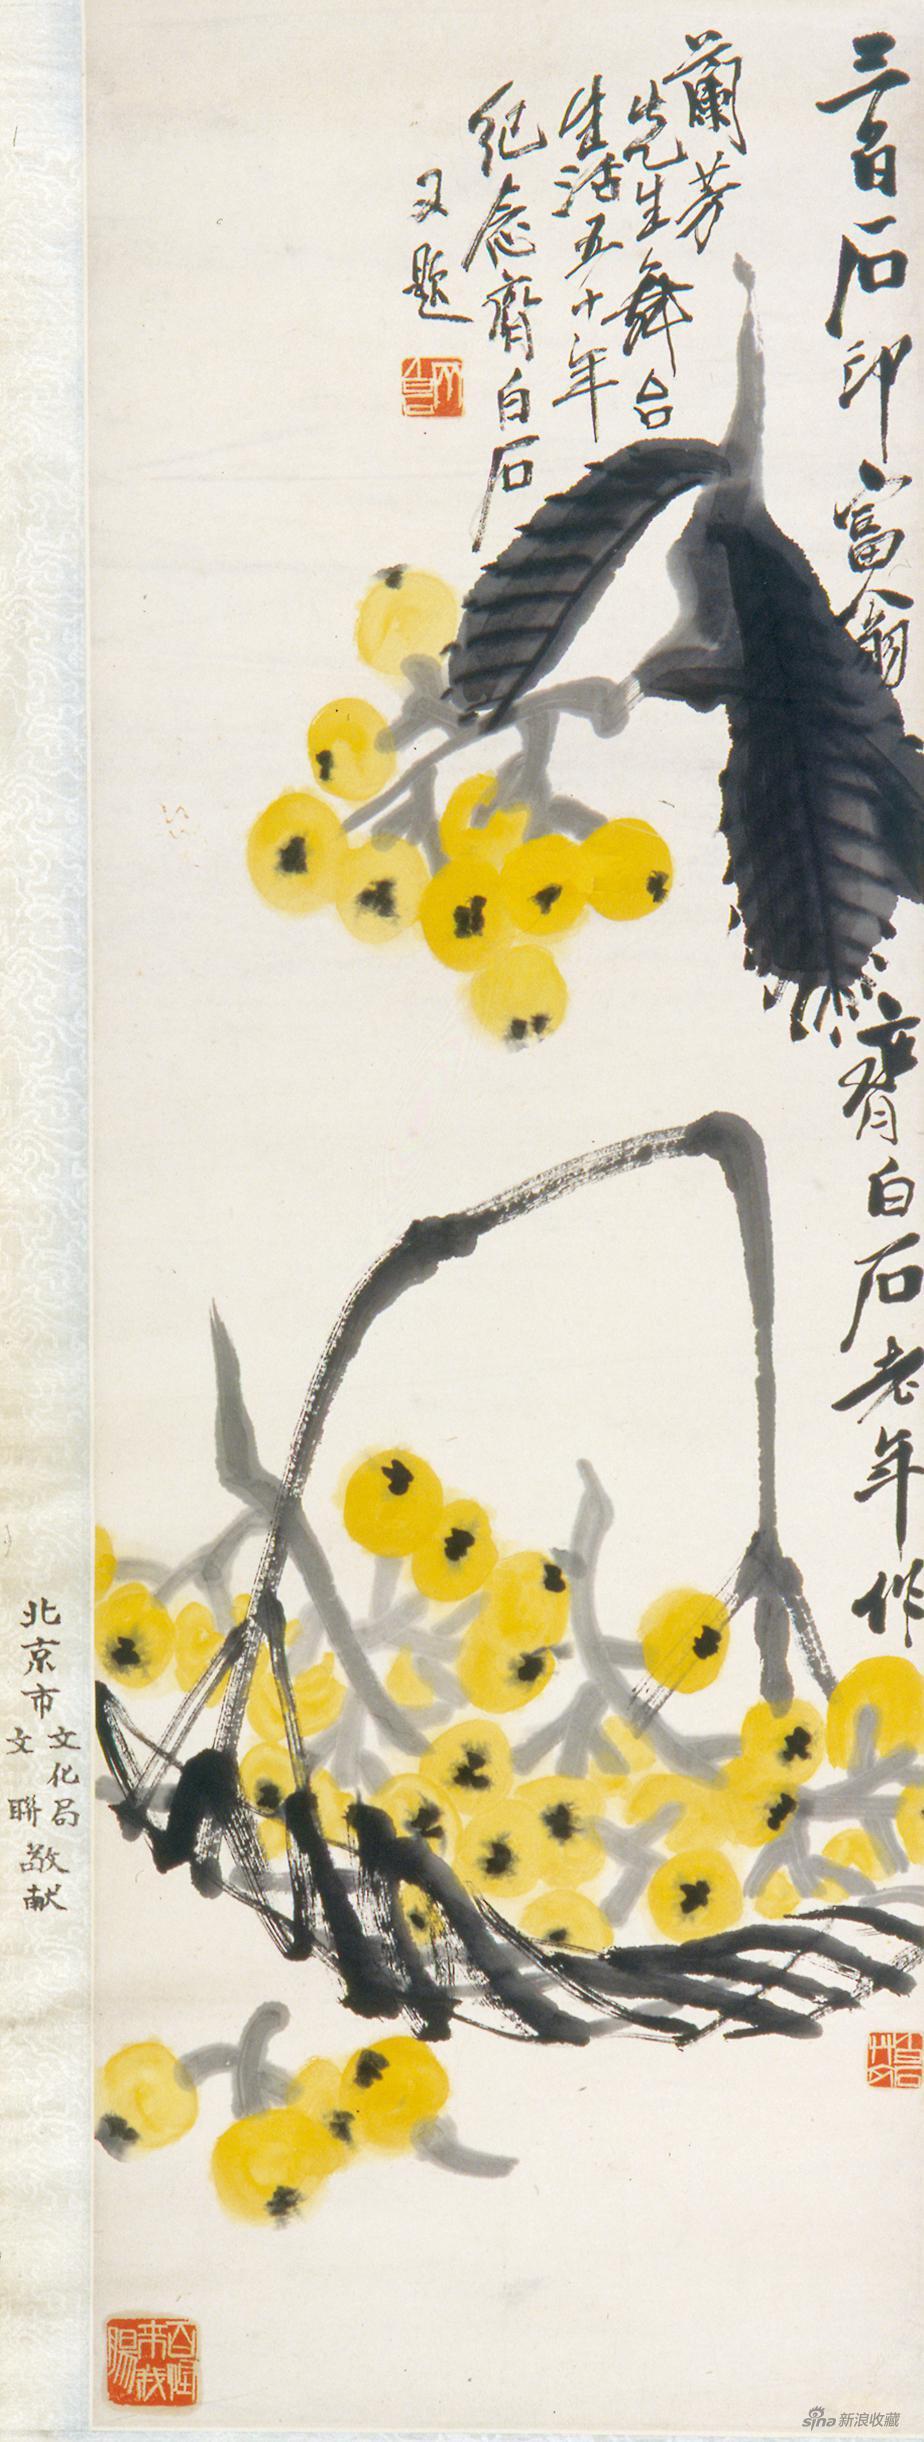 枇杷 齐白石 1955年 103×34.5cm 纸本设色 梅兰芳纪念馆藏